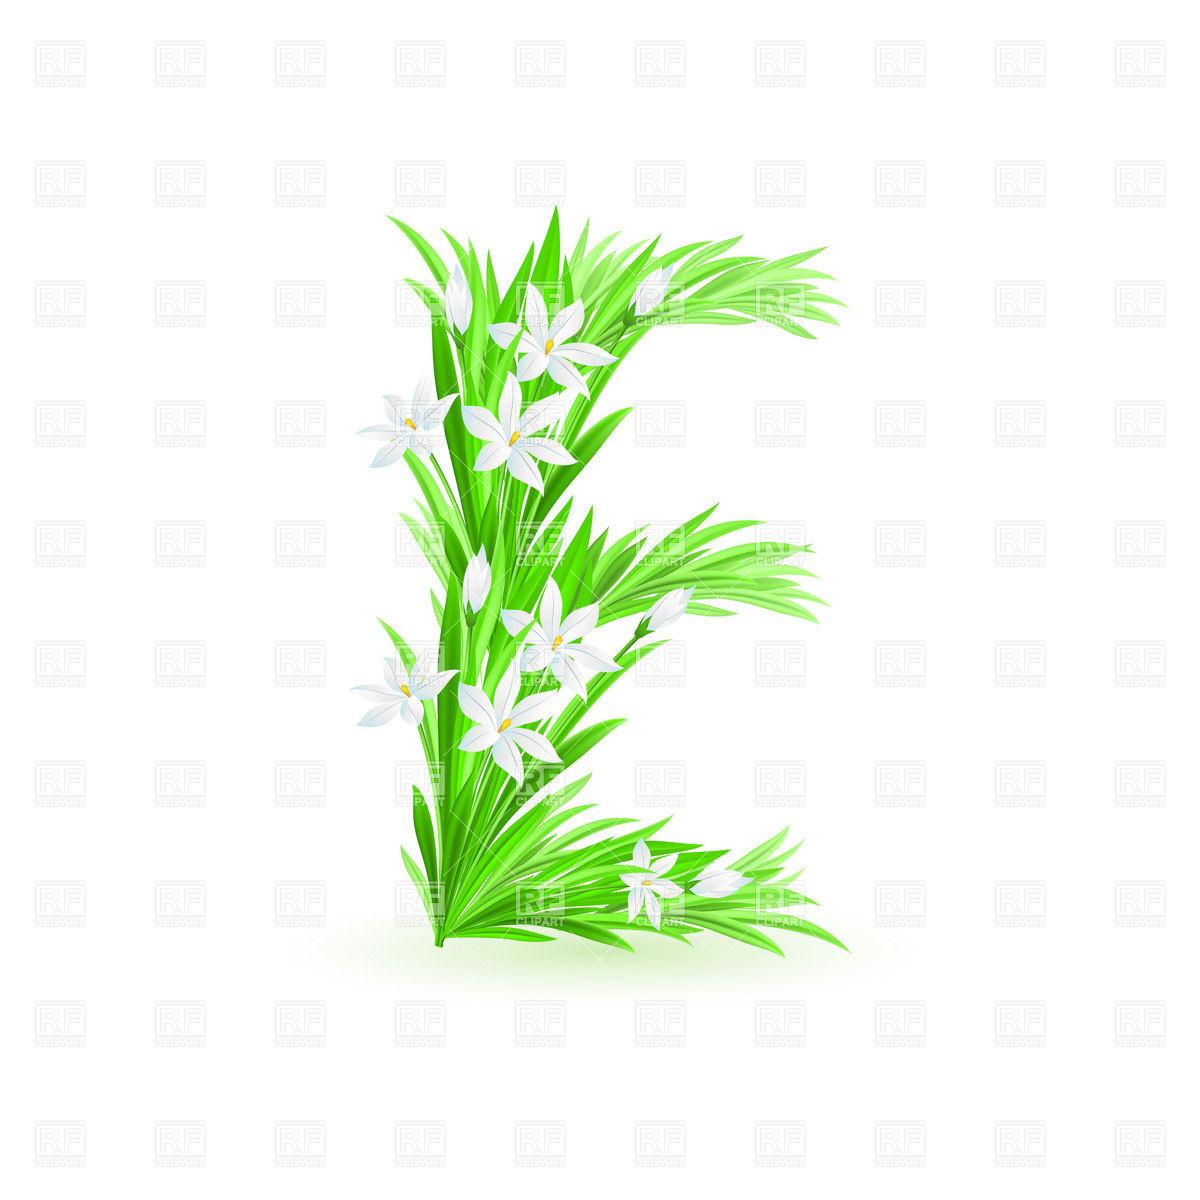 7 Spring Flower Font Images